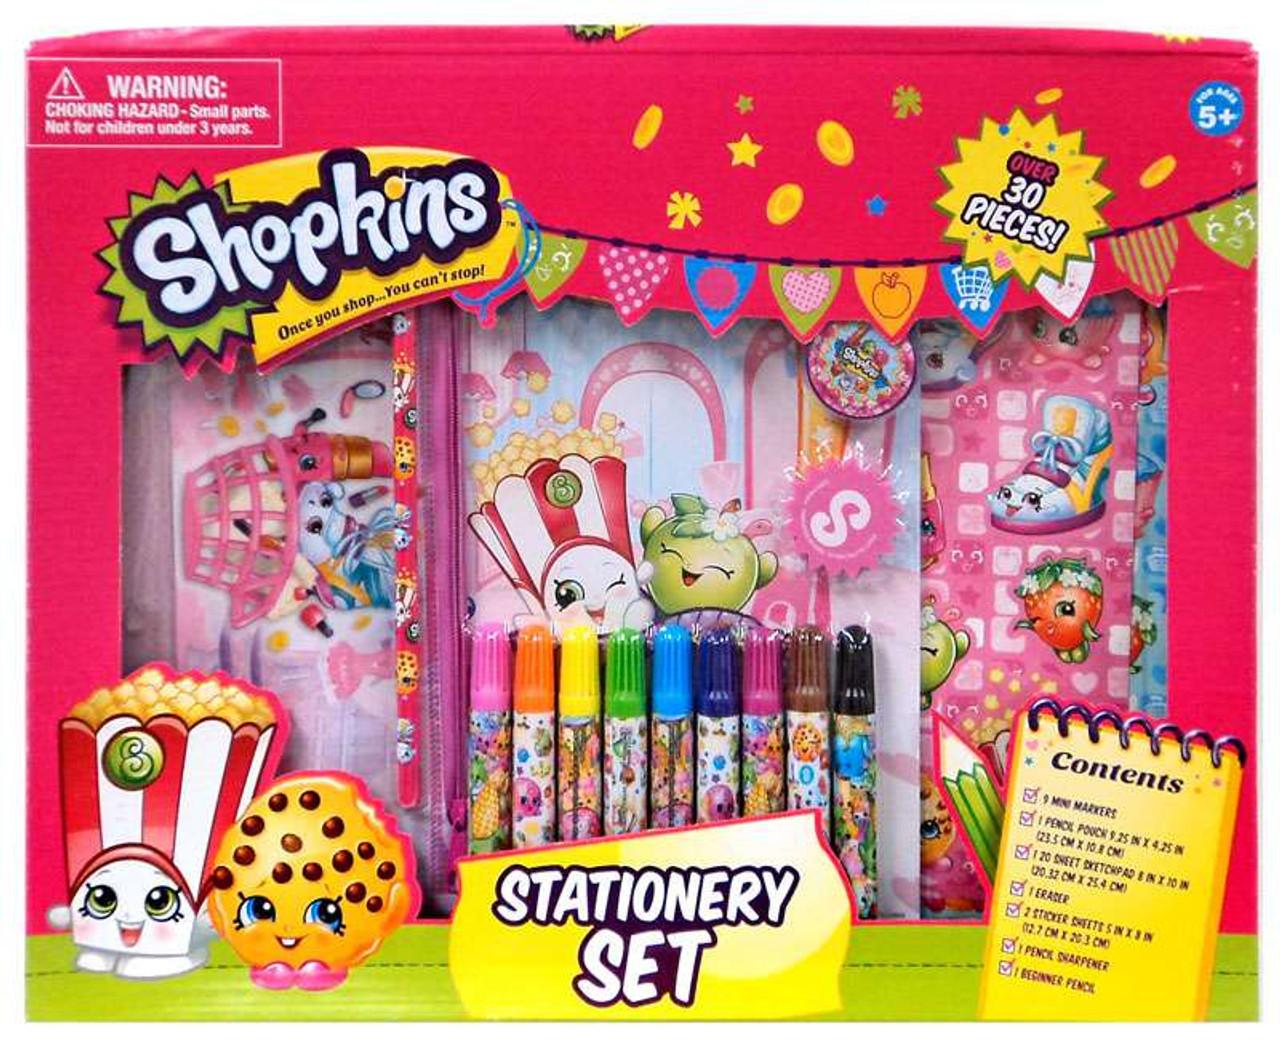 Shopkins Stationery Set